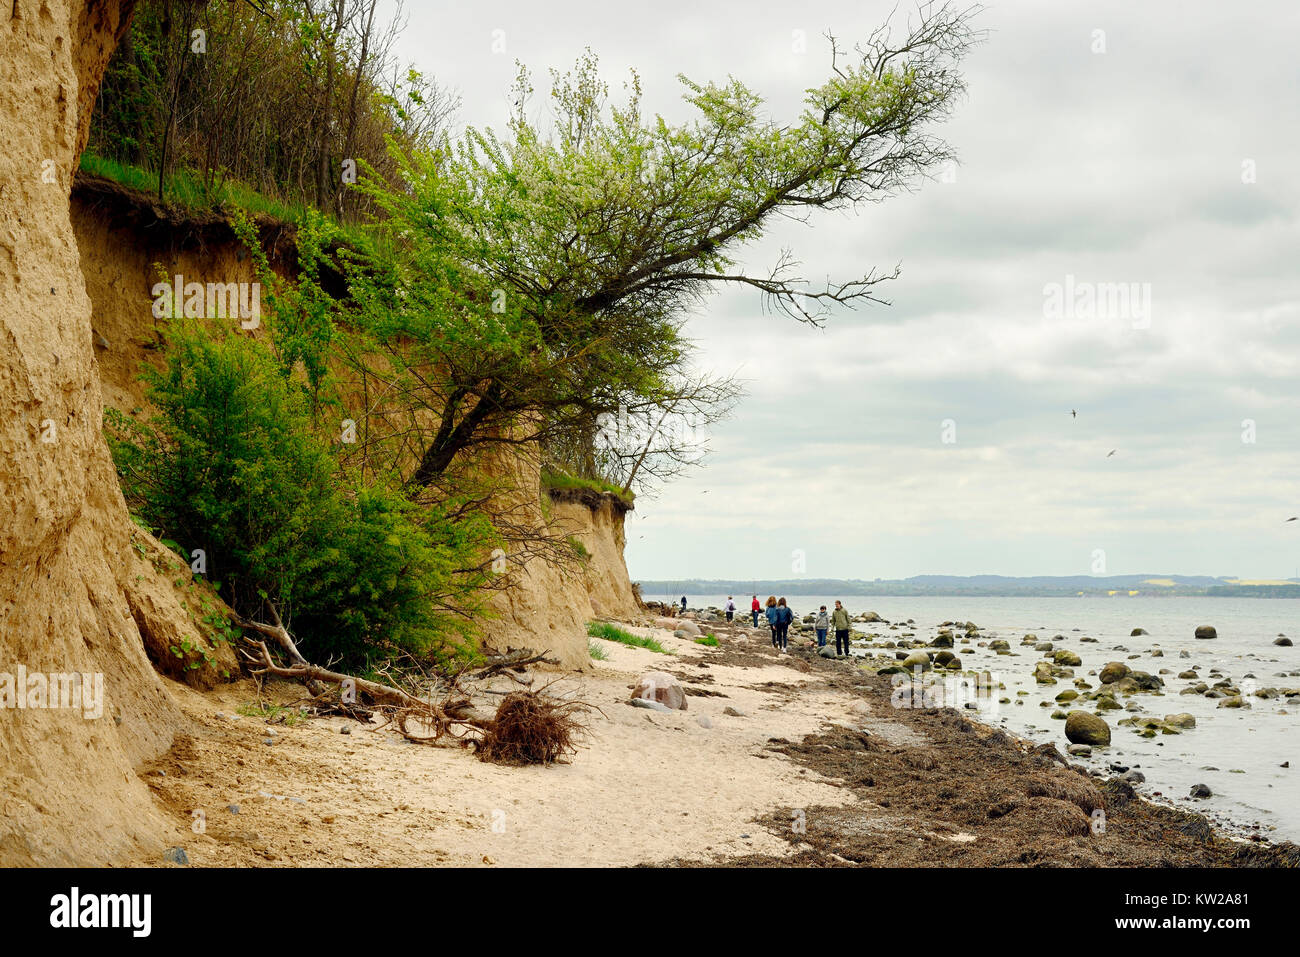 Baltic island Poel, Steilk?ste near village Timmen beach, Ostseeinsel Poel, Steilküste bei Timmendorf Strand - Stock Image